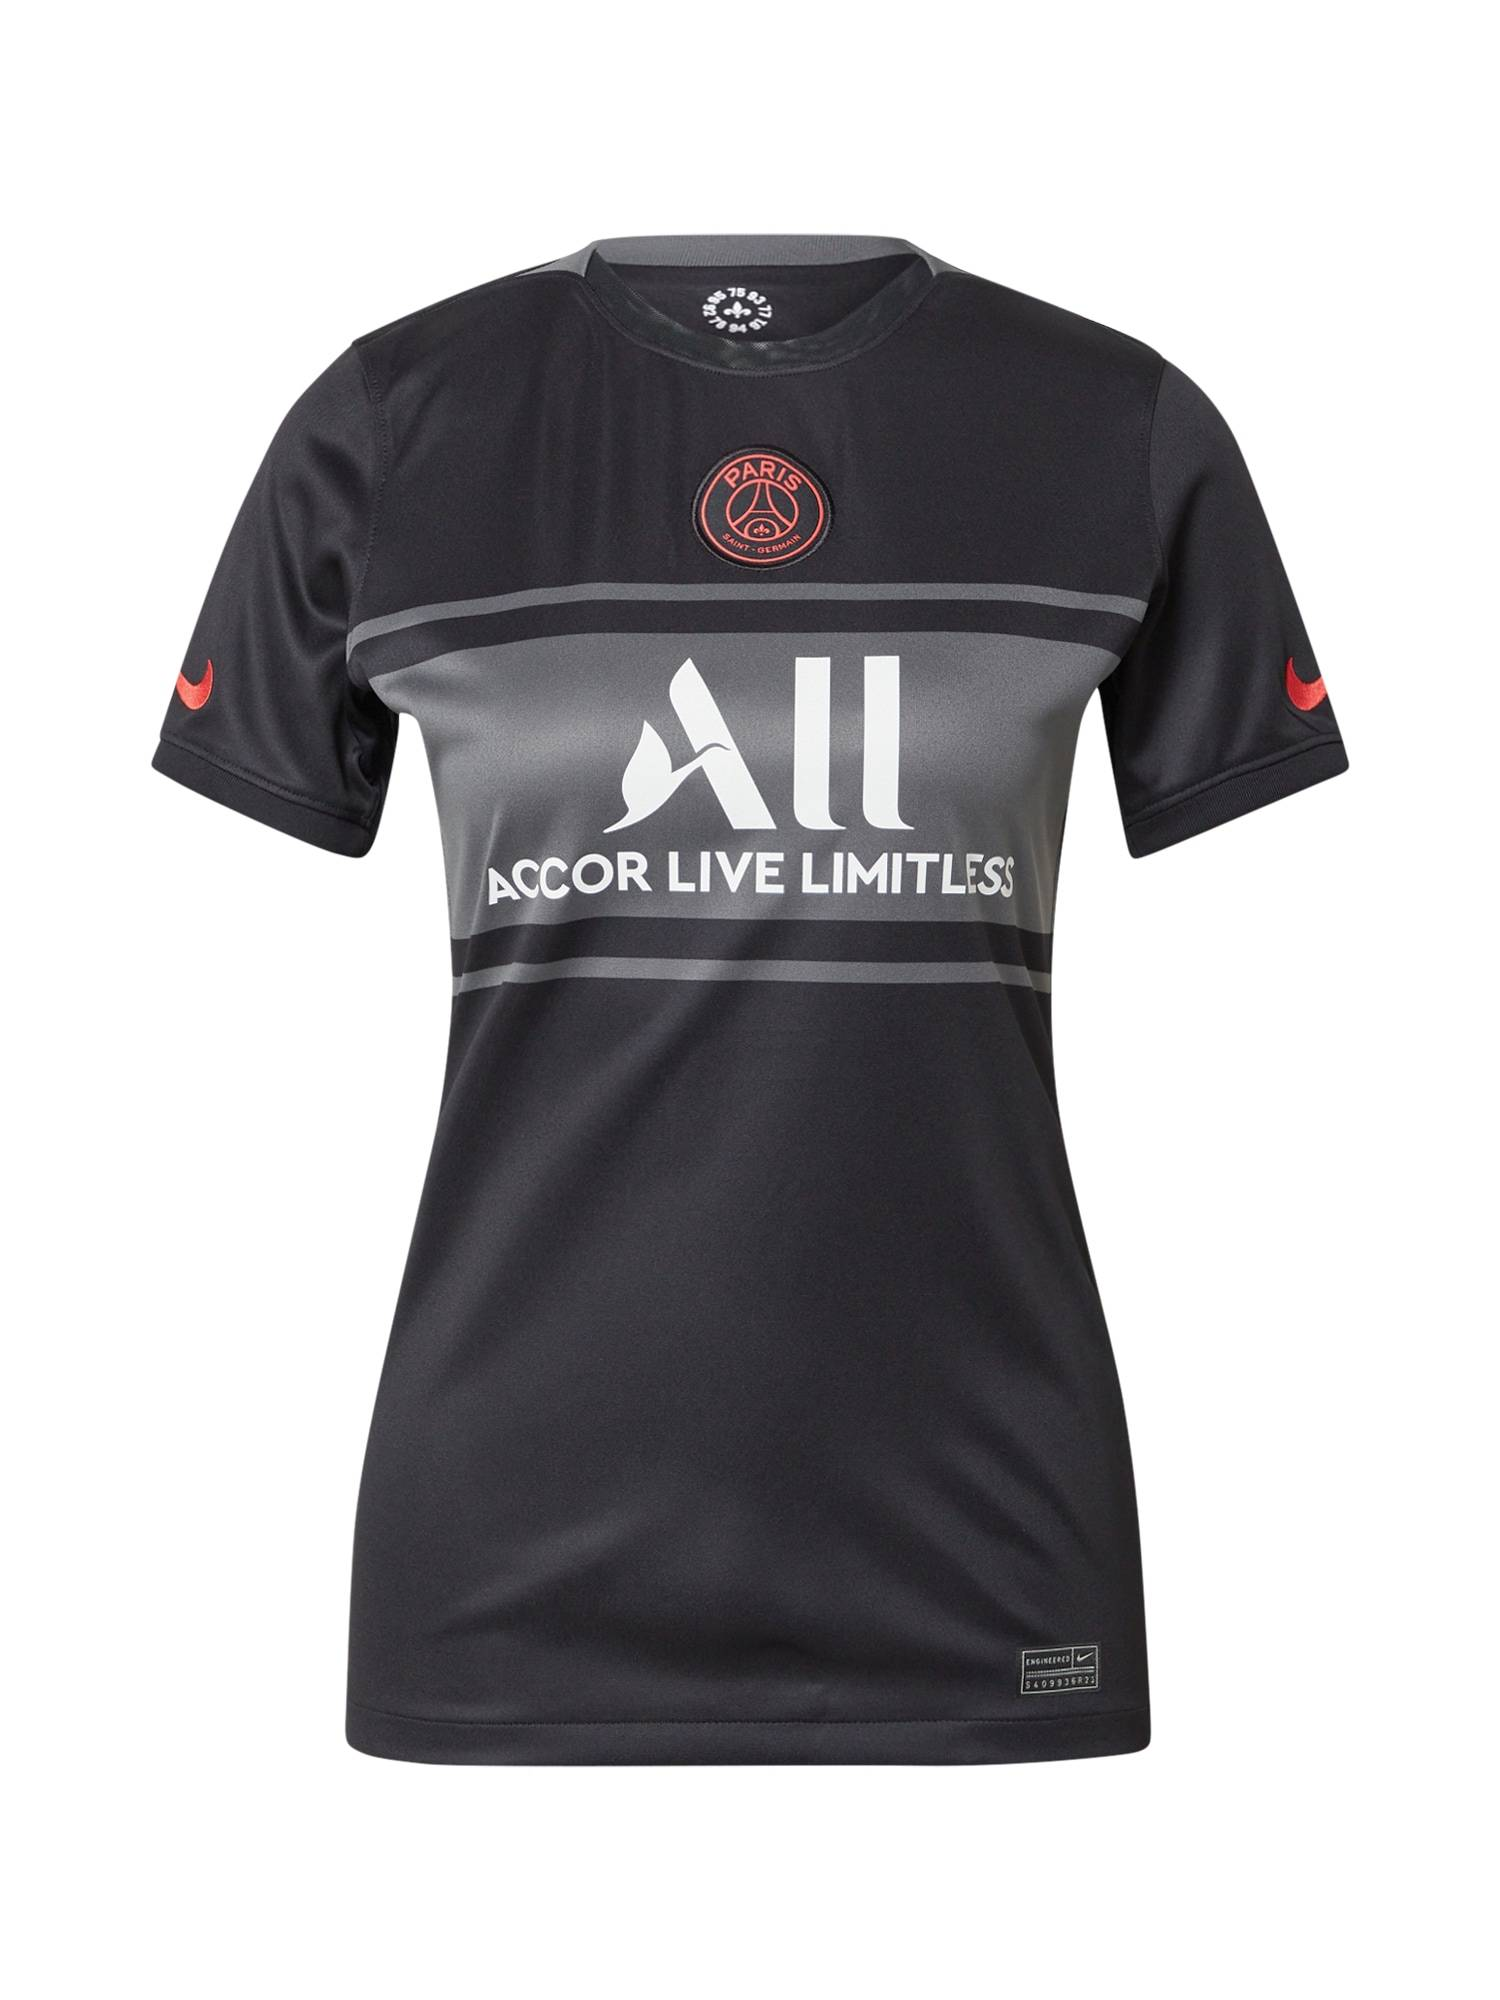 NIKE Maillot 'Paris Saint-Germain 2021/22'  - Noir - Taille: L - female